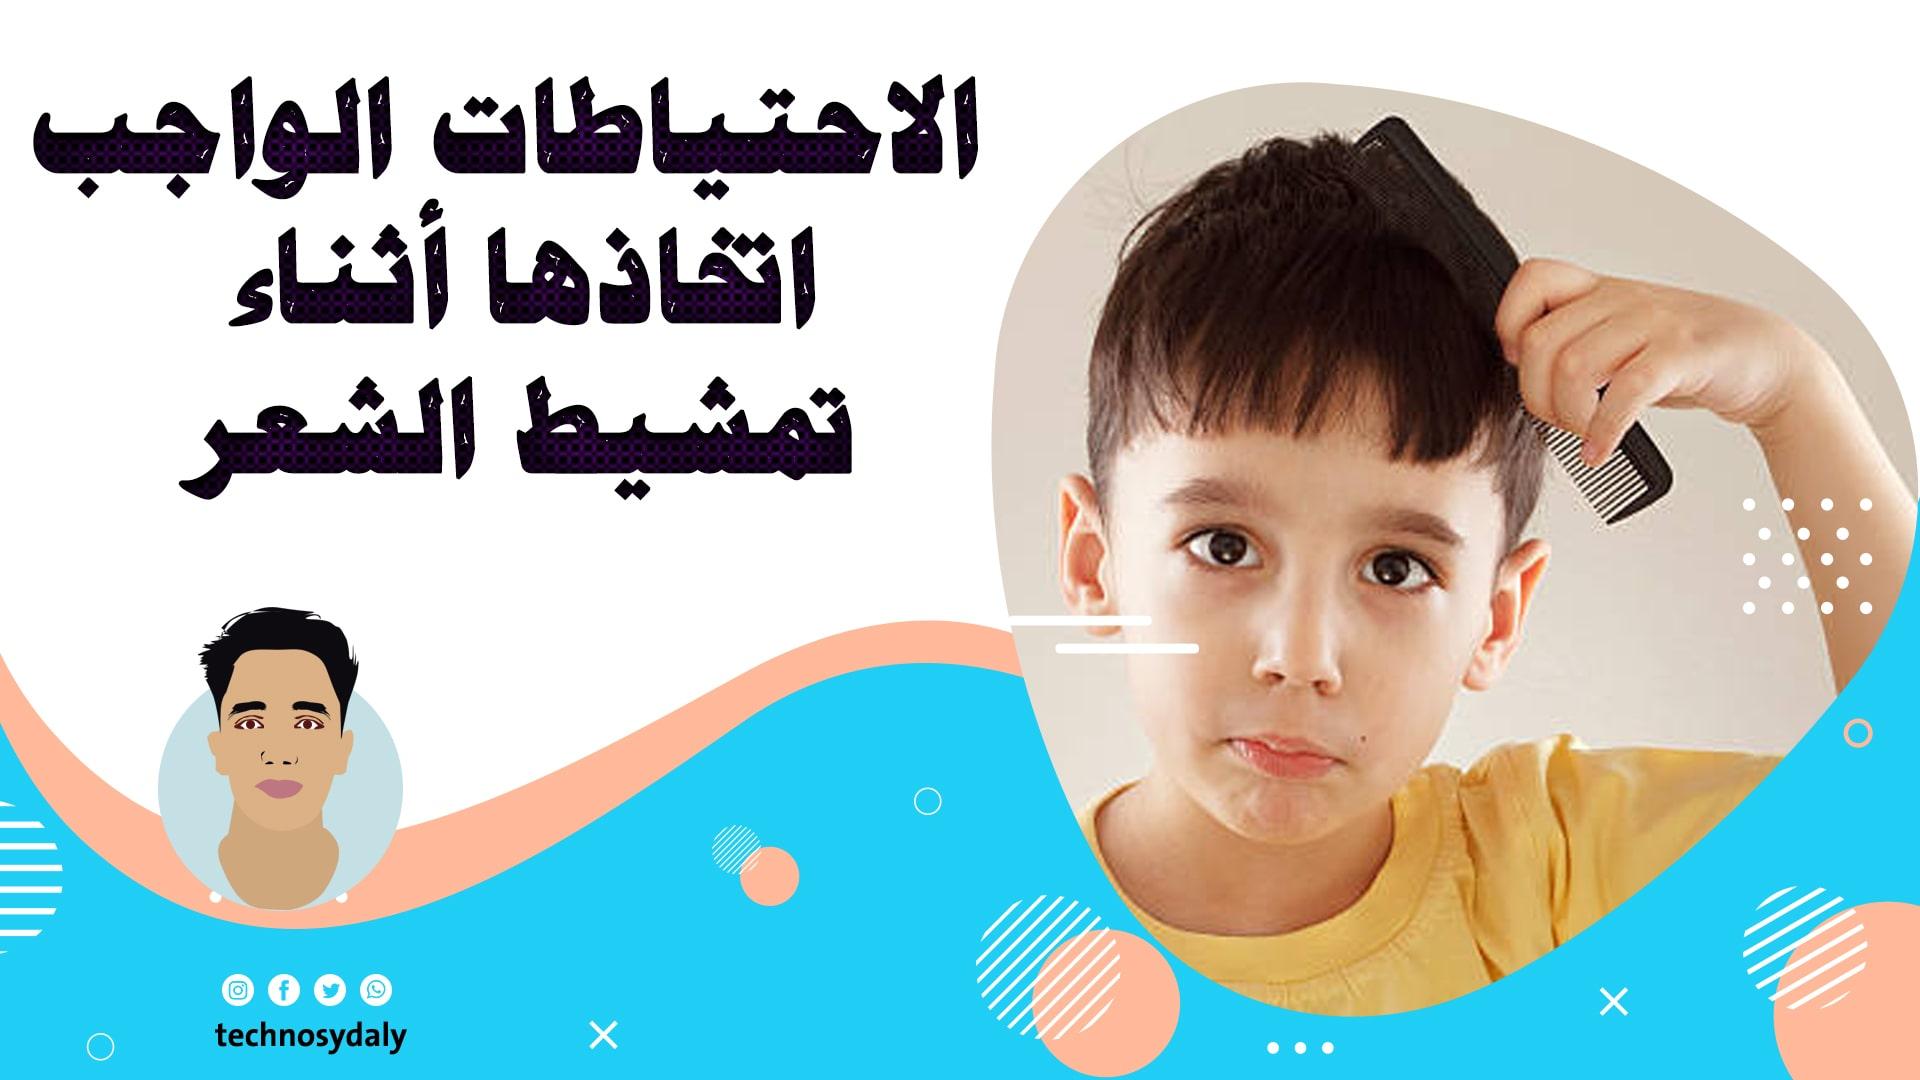 الاحتياطات الواجب اتخاذها أثناء تمشيط الشعر - Precautions to be taken while combing hair